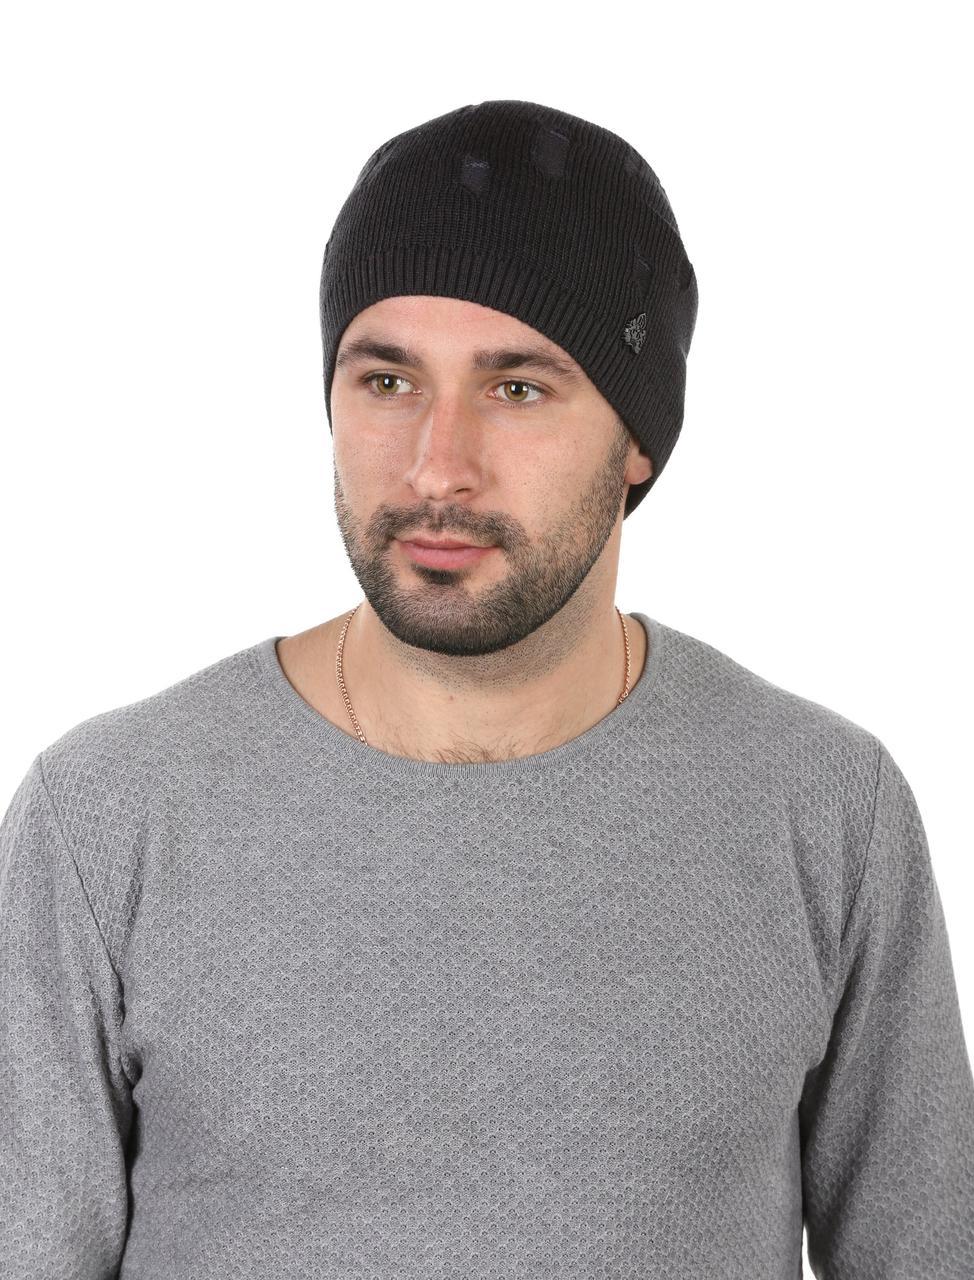 Шапка вязаная мужская темно-серая в рваном стиле